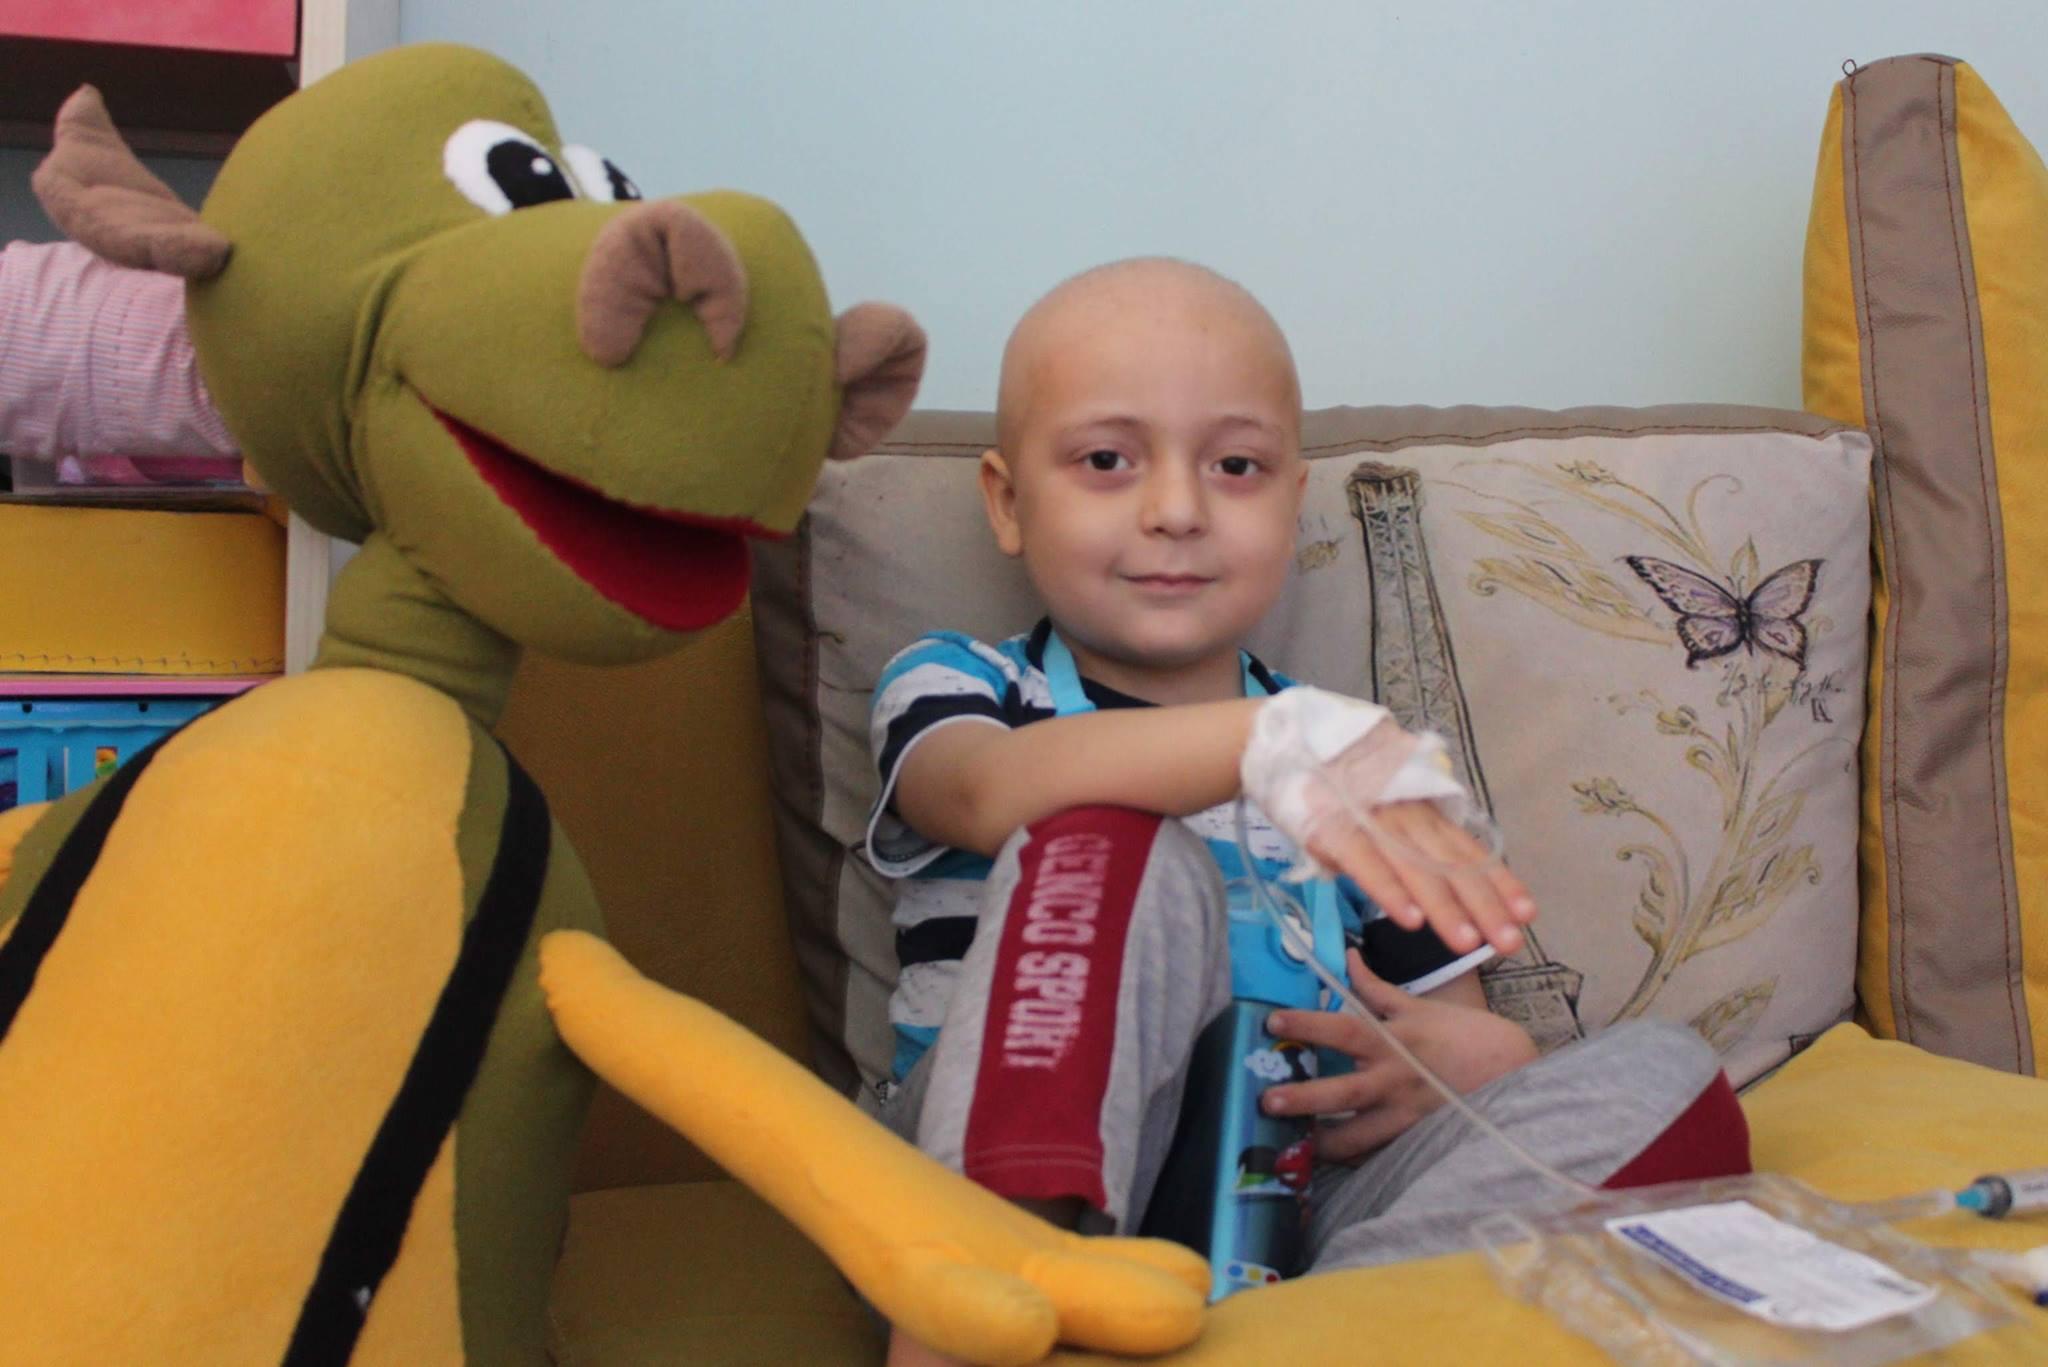 Բոստոնի հայ համայնքը շուրջ 150 հազար դոլար գումար է նվիրաբերել City of Smile հիմնադրամին